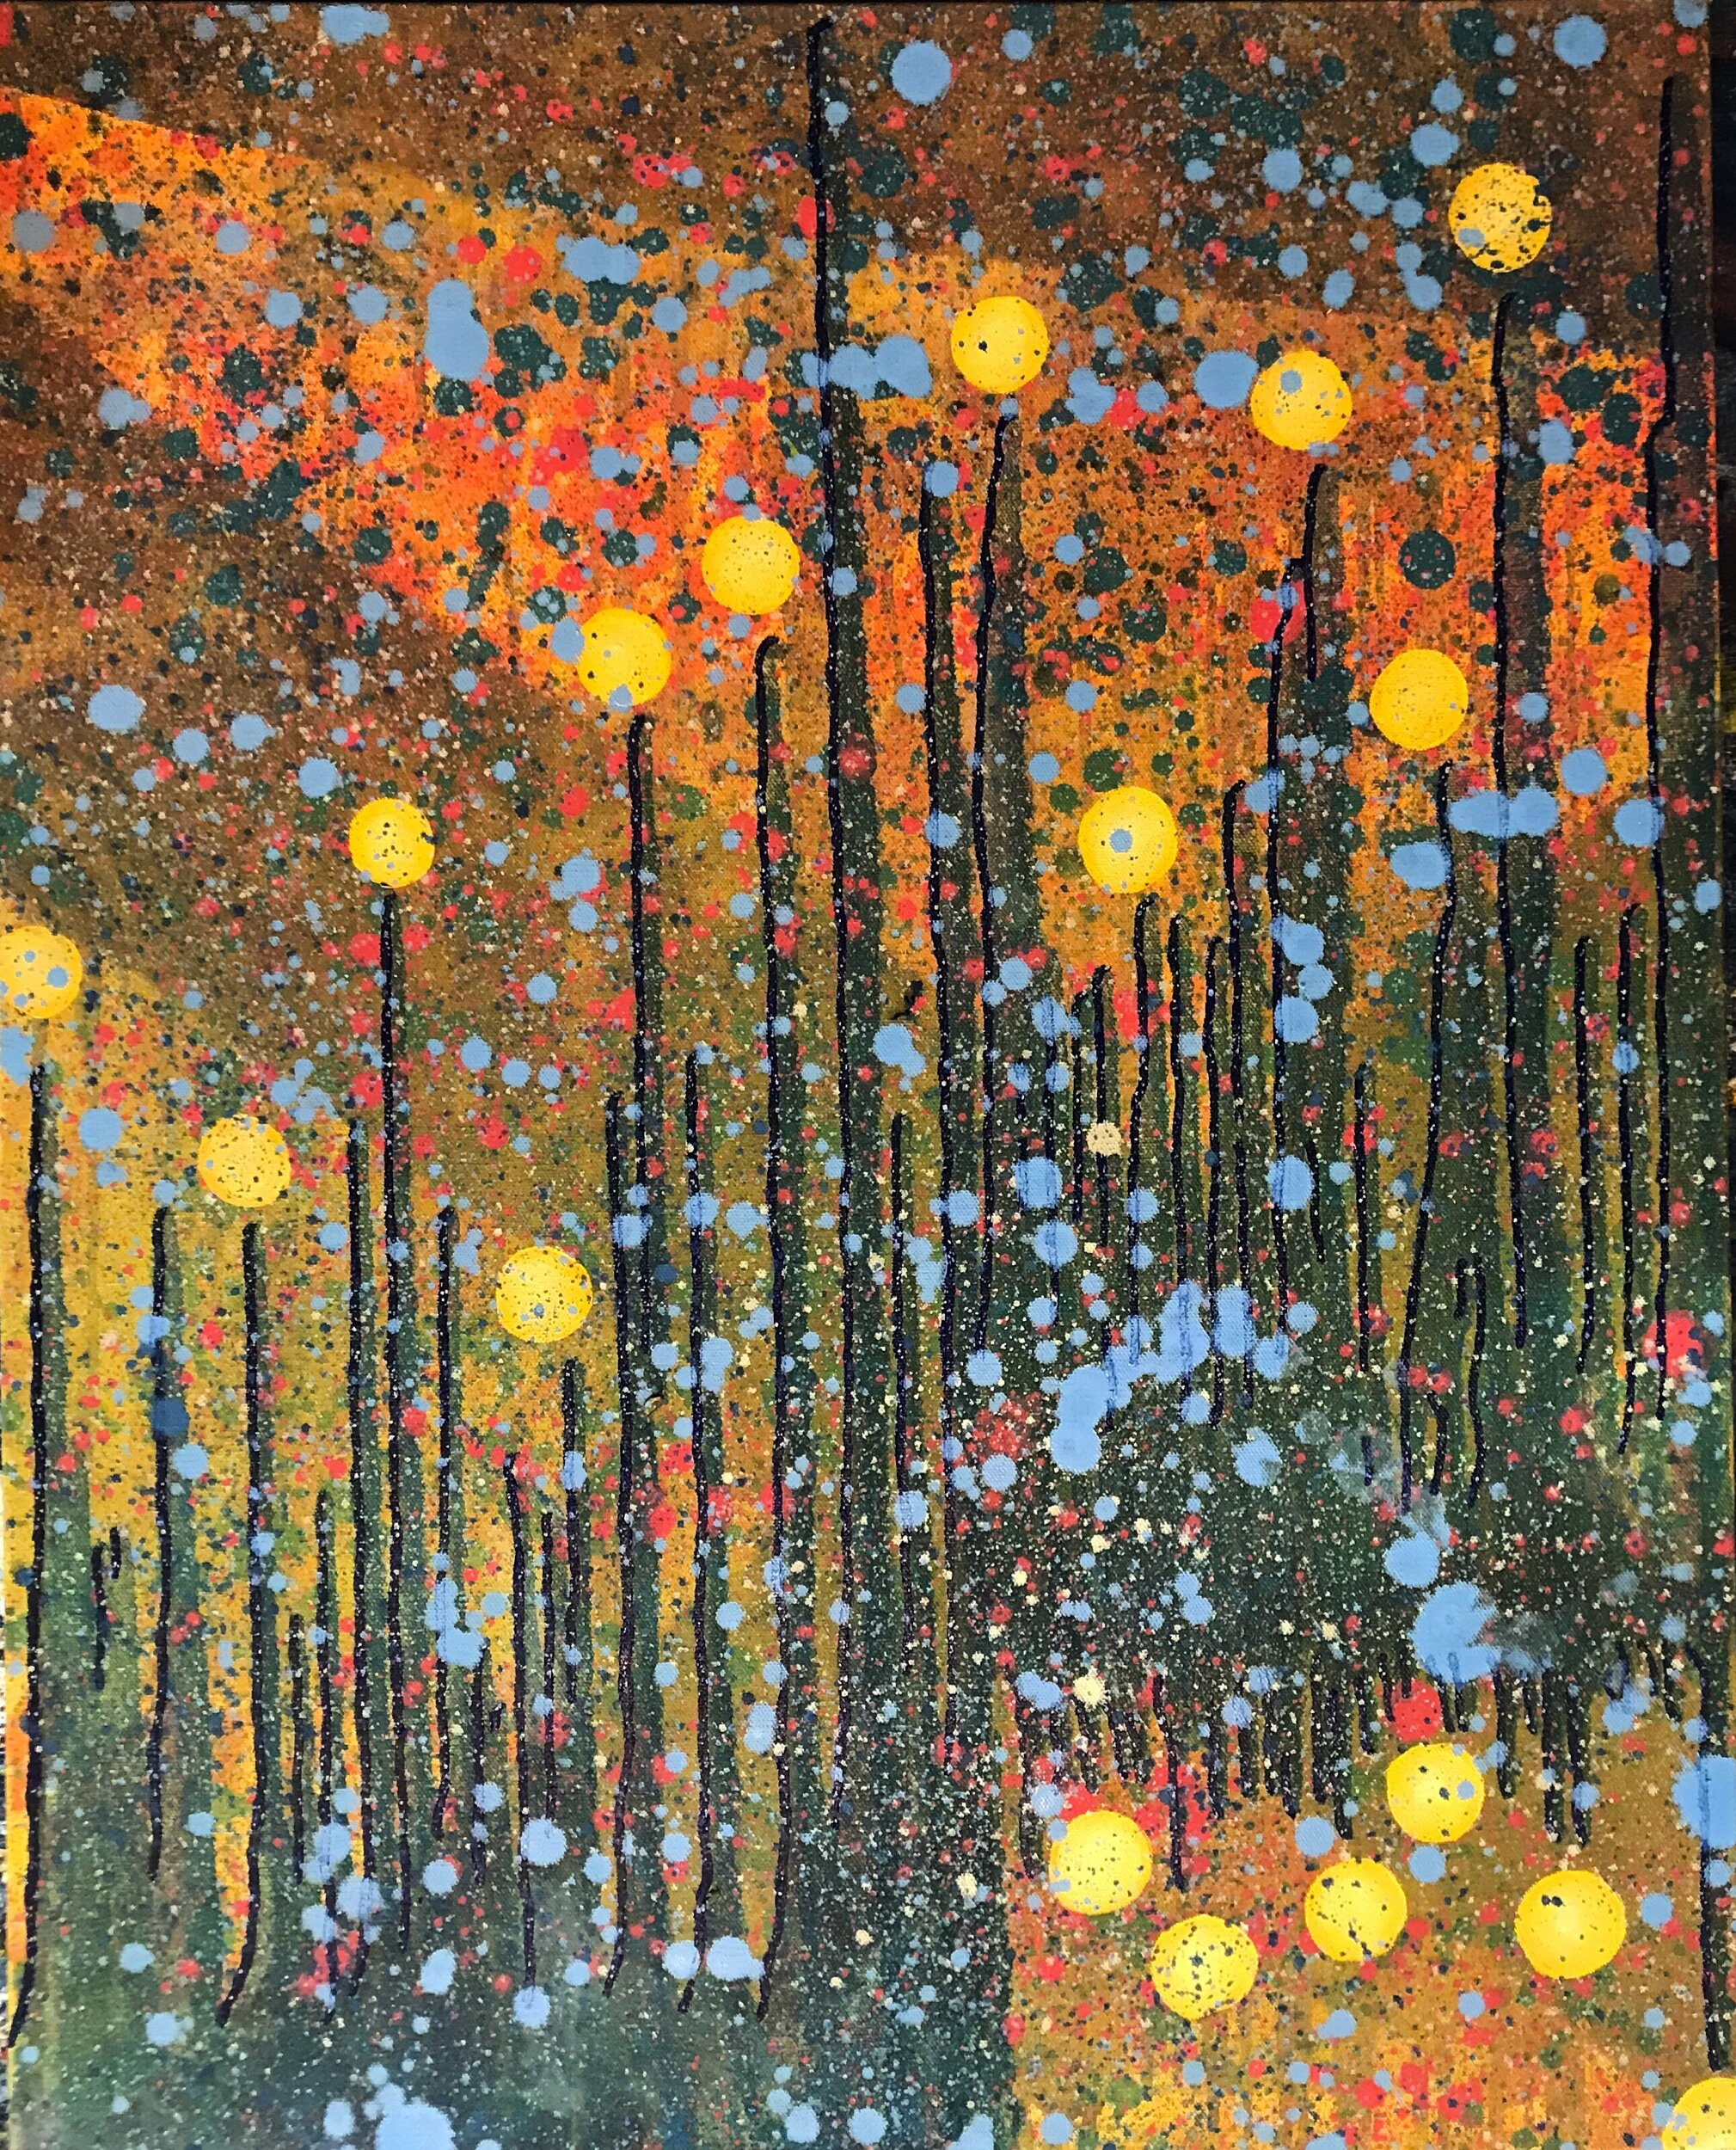 Teal Drips & Orange Spheres